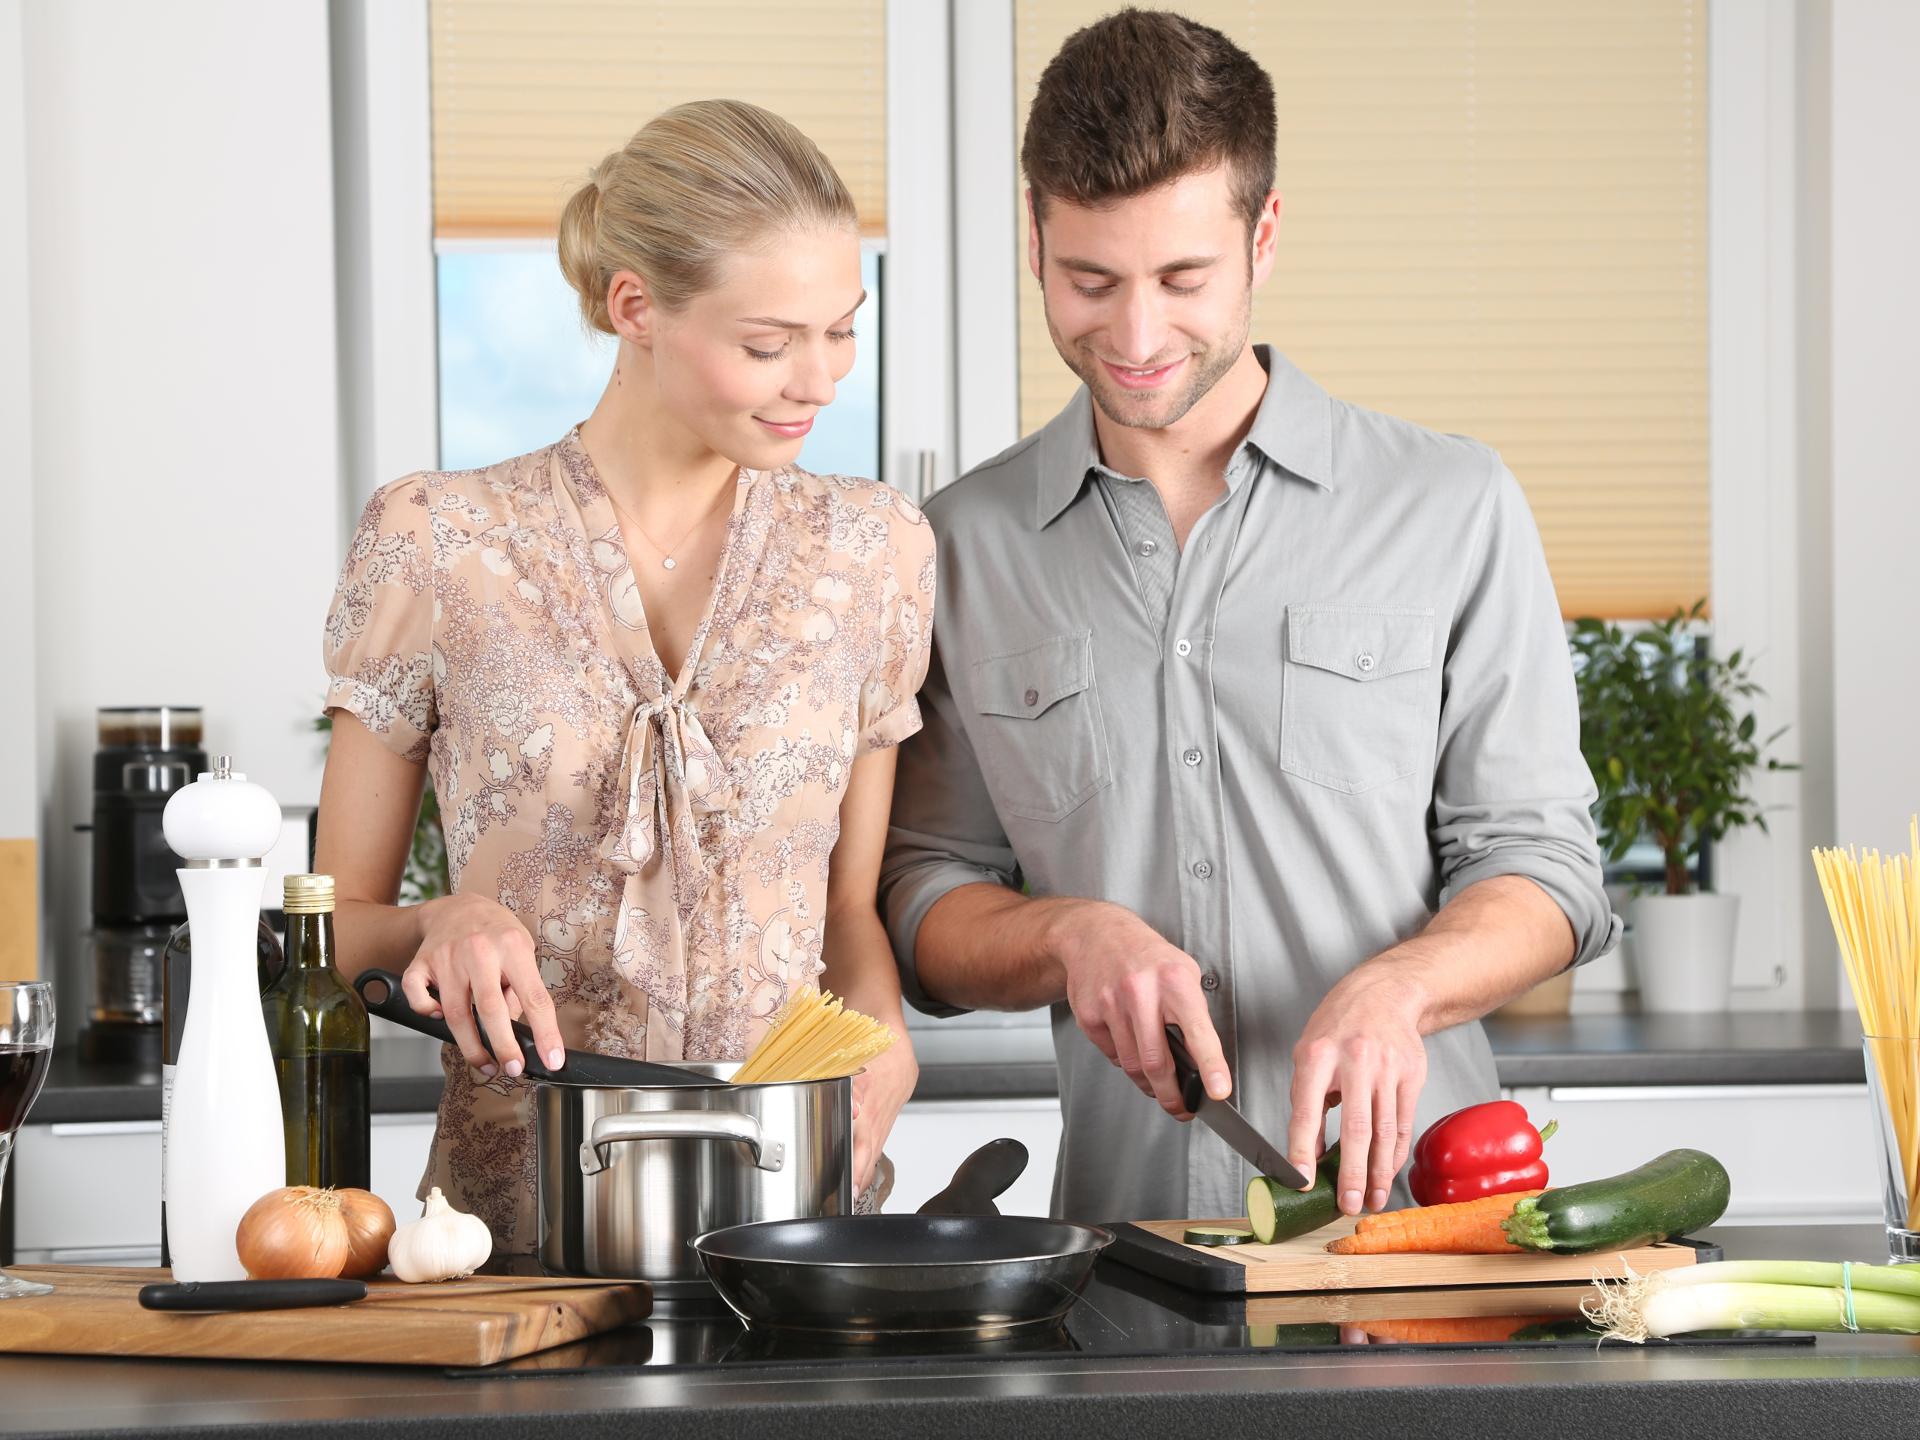 Wenn man sich gemeinsam mit anderen eine Routine überlegt, wie etwa regelmäßig gemeinsam zu kochen, kann das helfen, auch dran zu bleiben, weil es Freude bereitet. - Photocredit: pixabay.com/089photoshootings